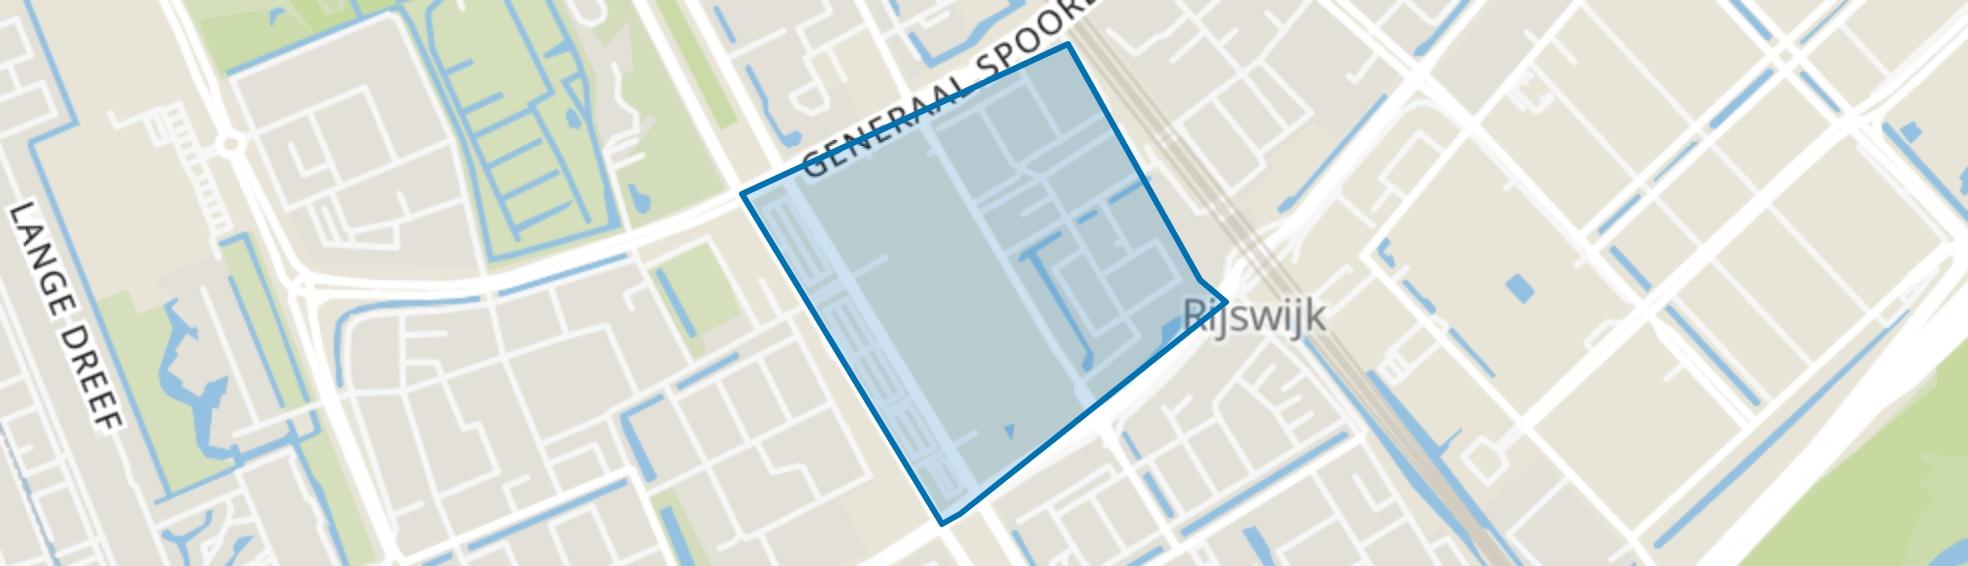 Artiestenbuurt, Rijswijk (ZH) map